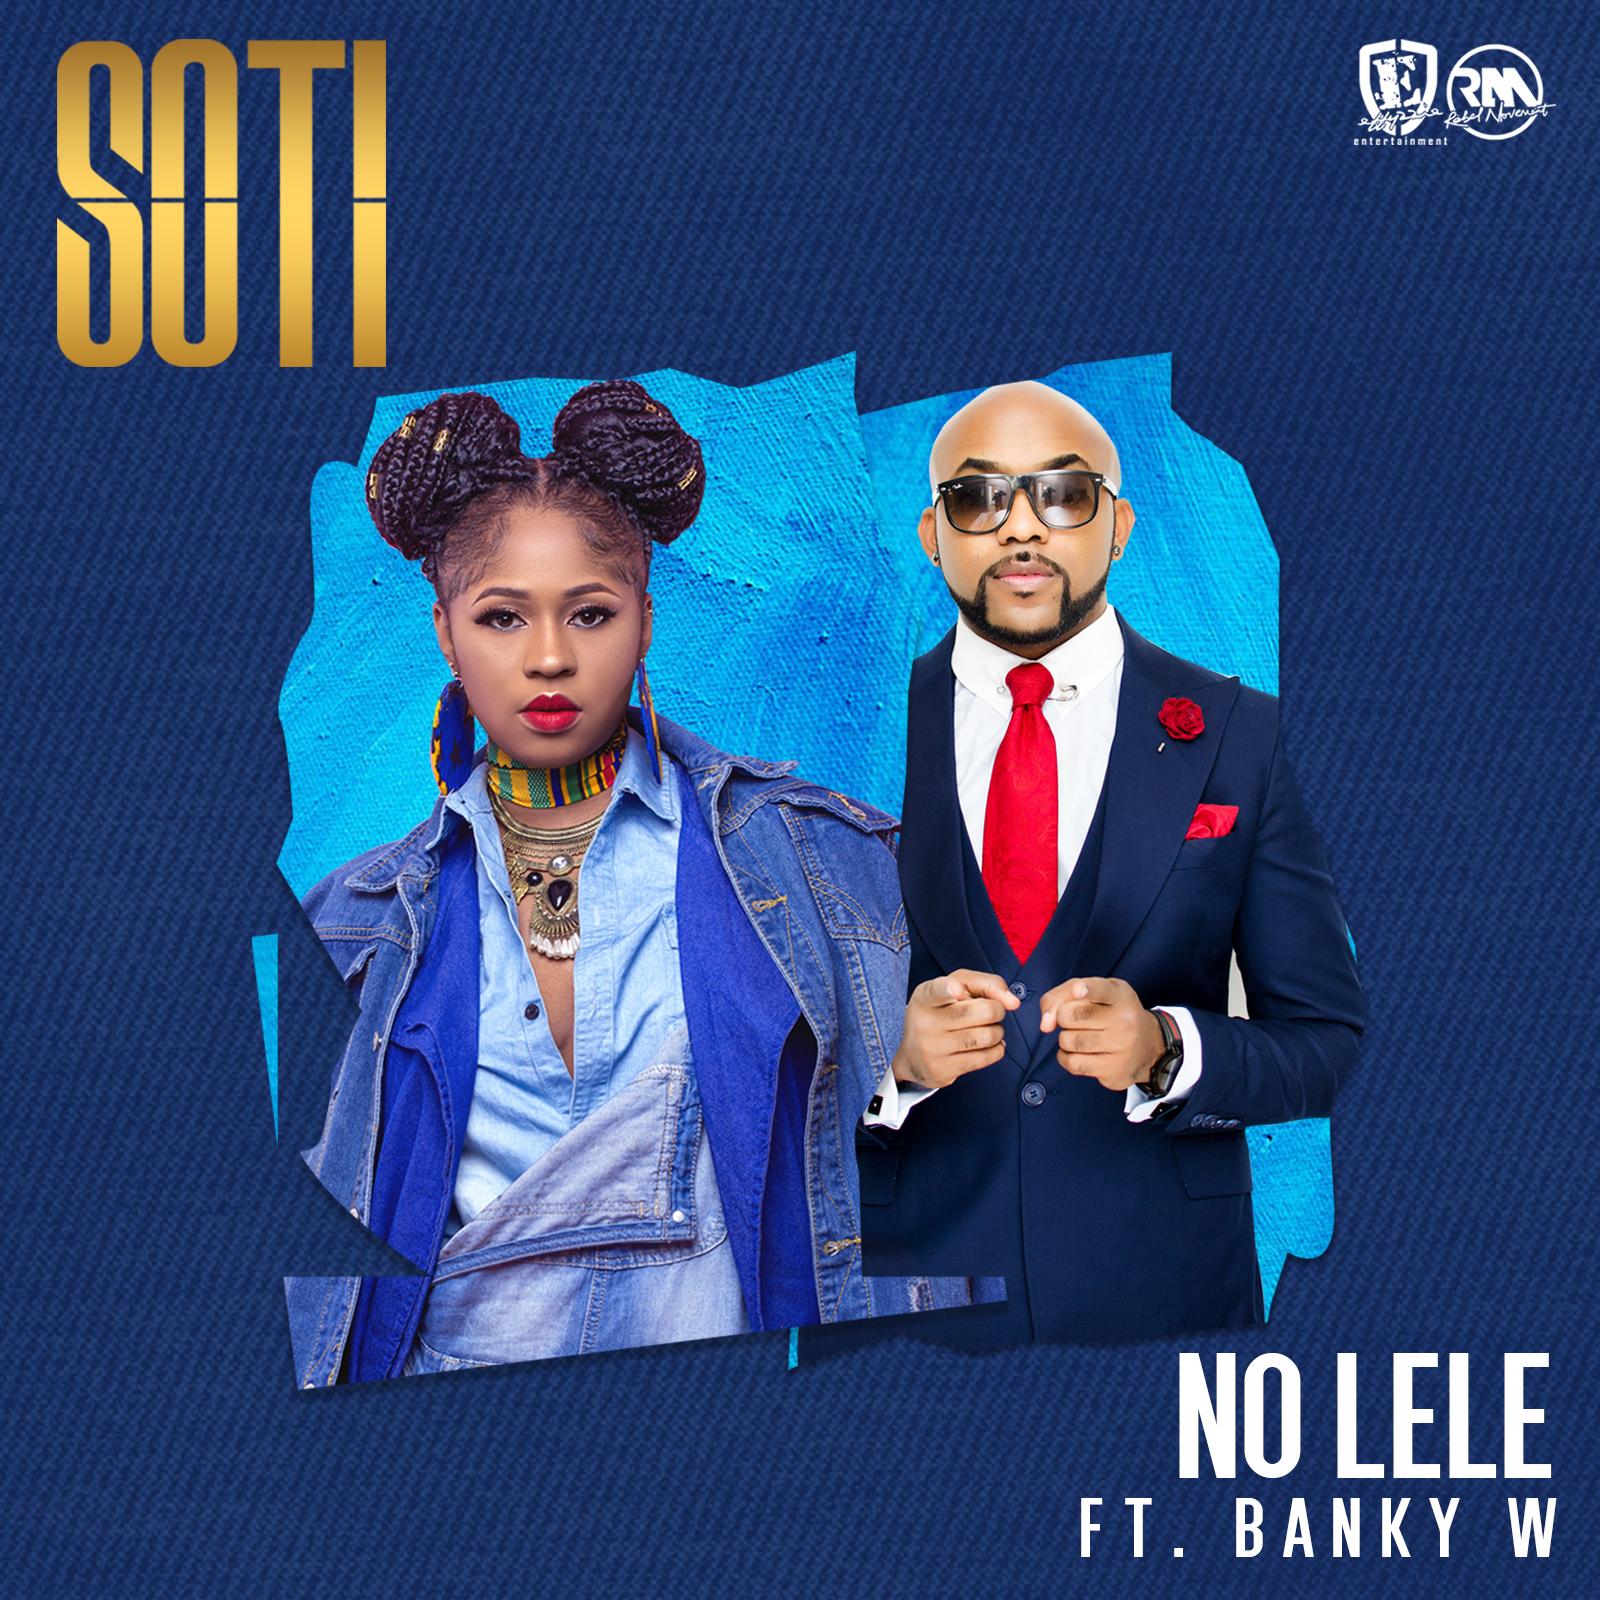 Soti – No Lele ft. Banky W [New Song]